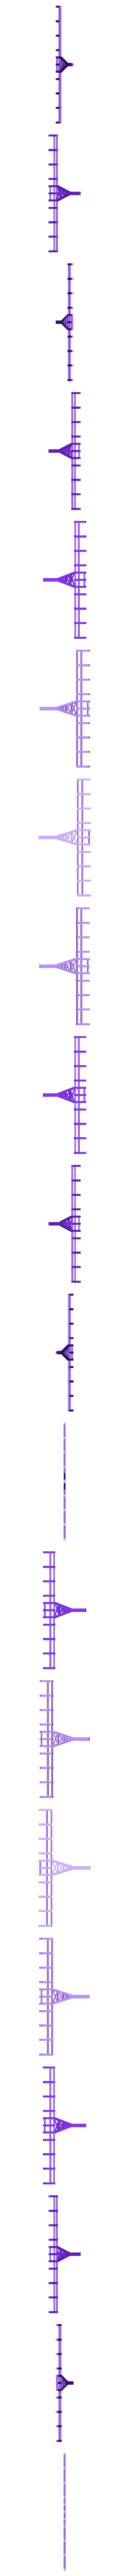 fence_LEFT.stl Télécharger fichier STL gratuit Dépôt de train à l'échelle 1:87 HO avec table tournante • Plan pour imprimante 3D, nenchev